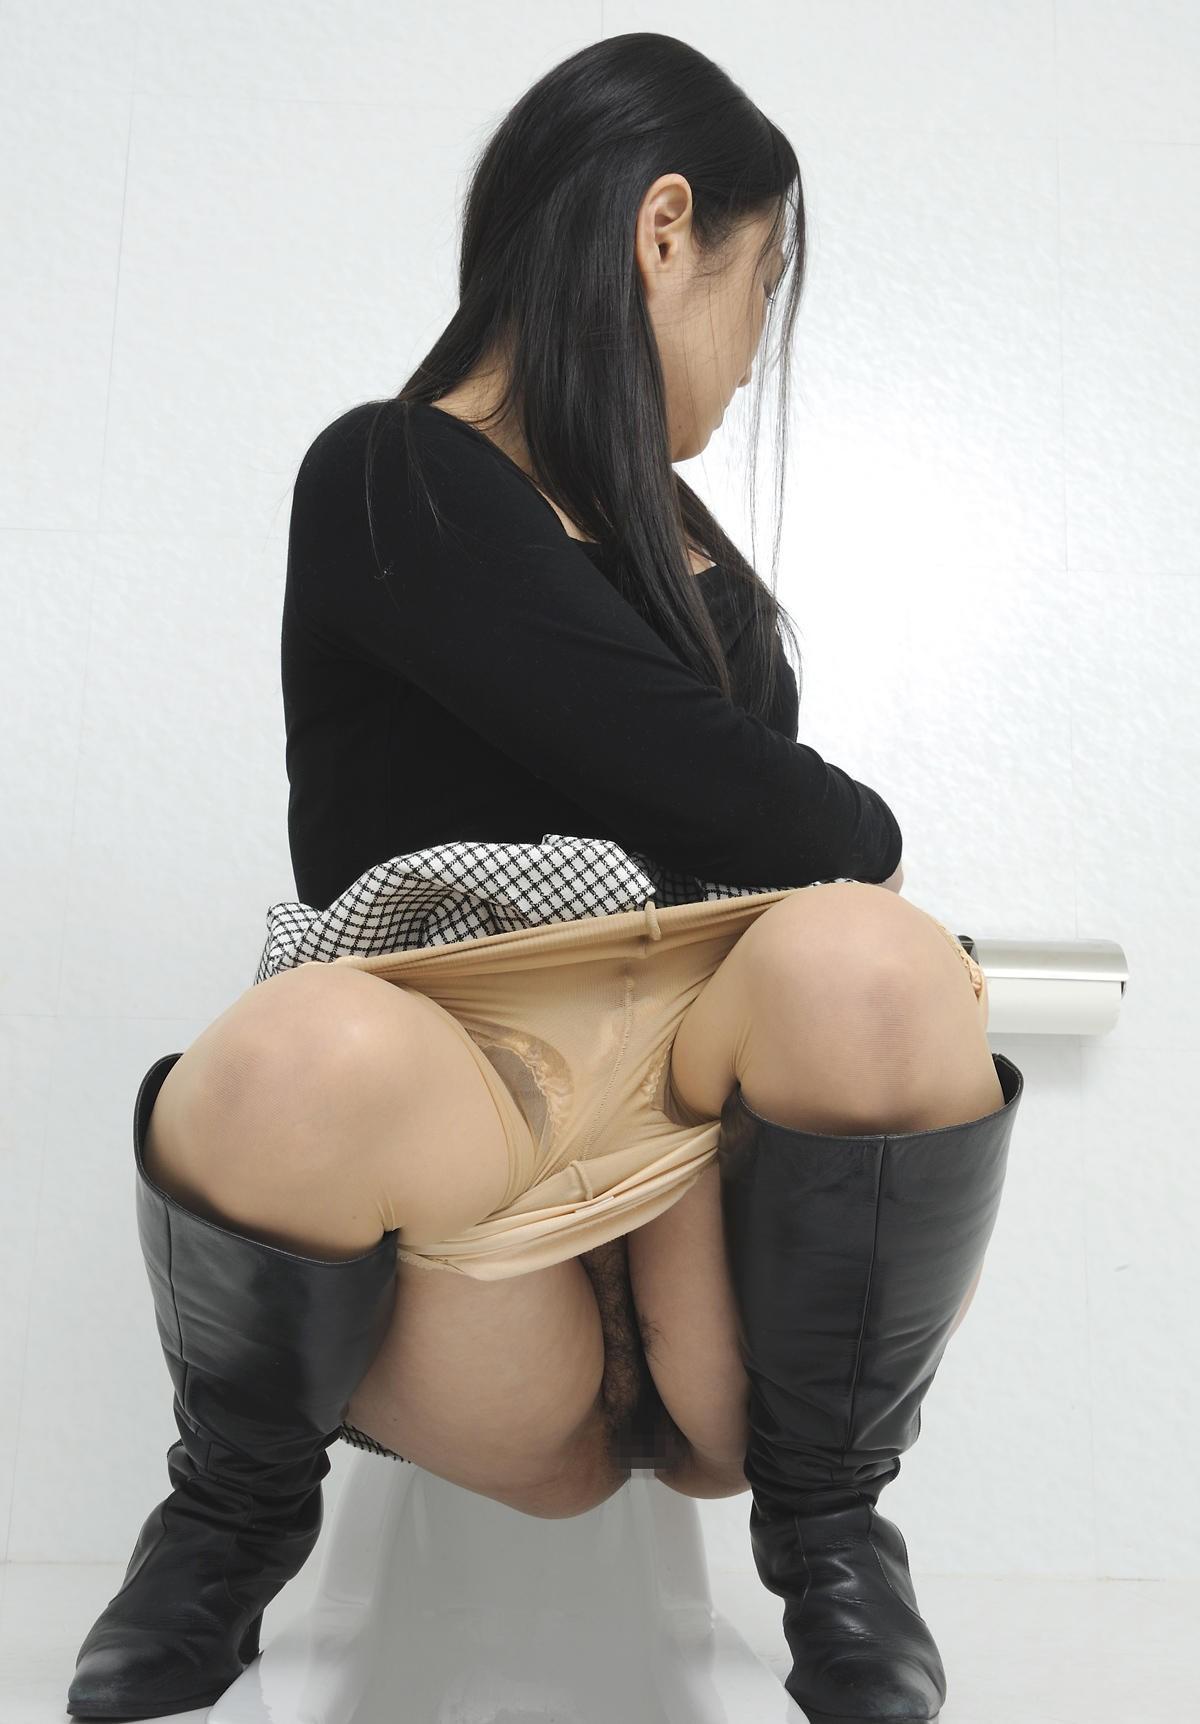 【トイレ女子エロ画像】見られてても出ちゃう…男監視の下トイレで放尿中www 01